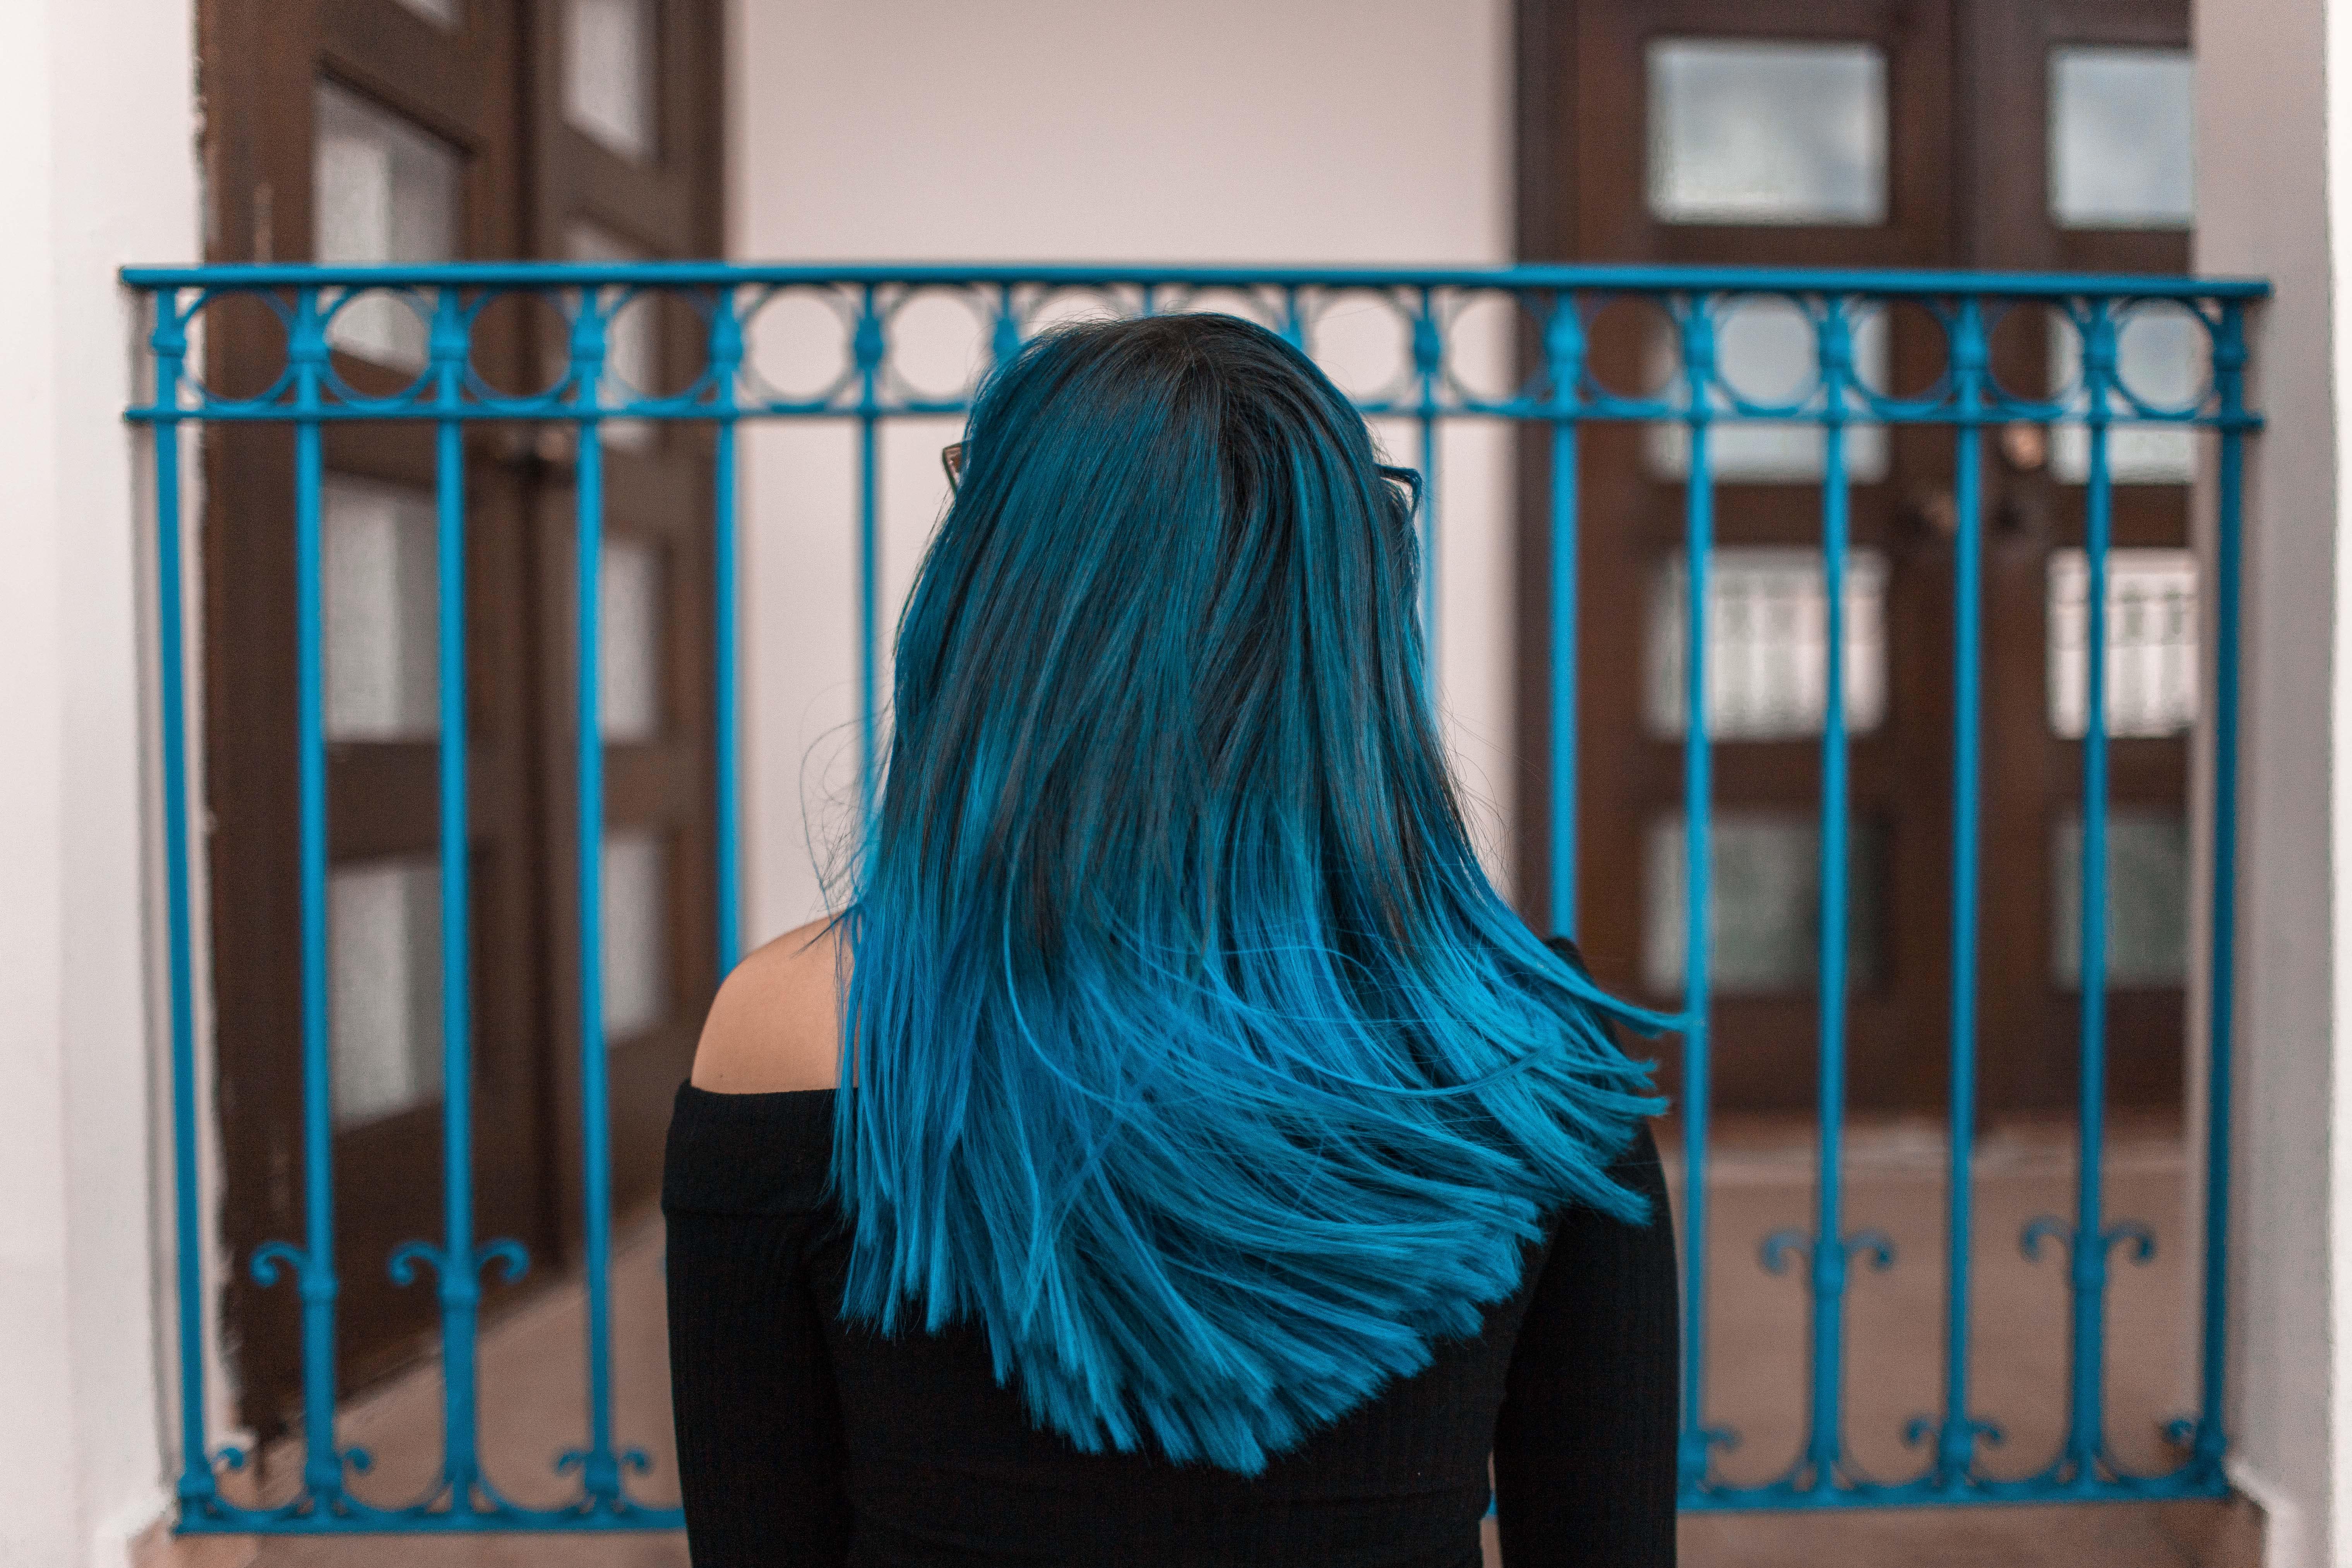 образ прикольные картинки юлька с синими волосами знаю